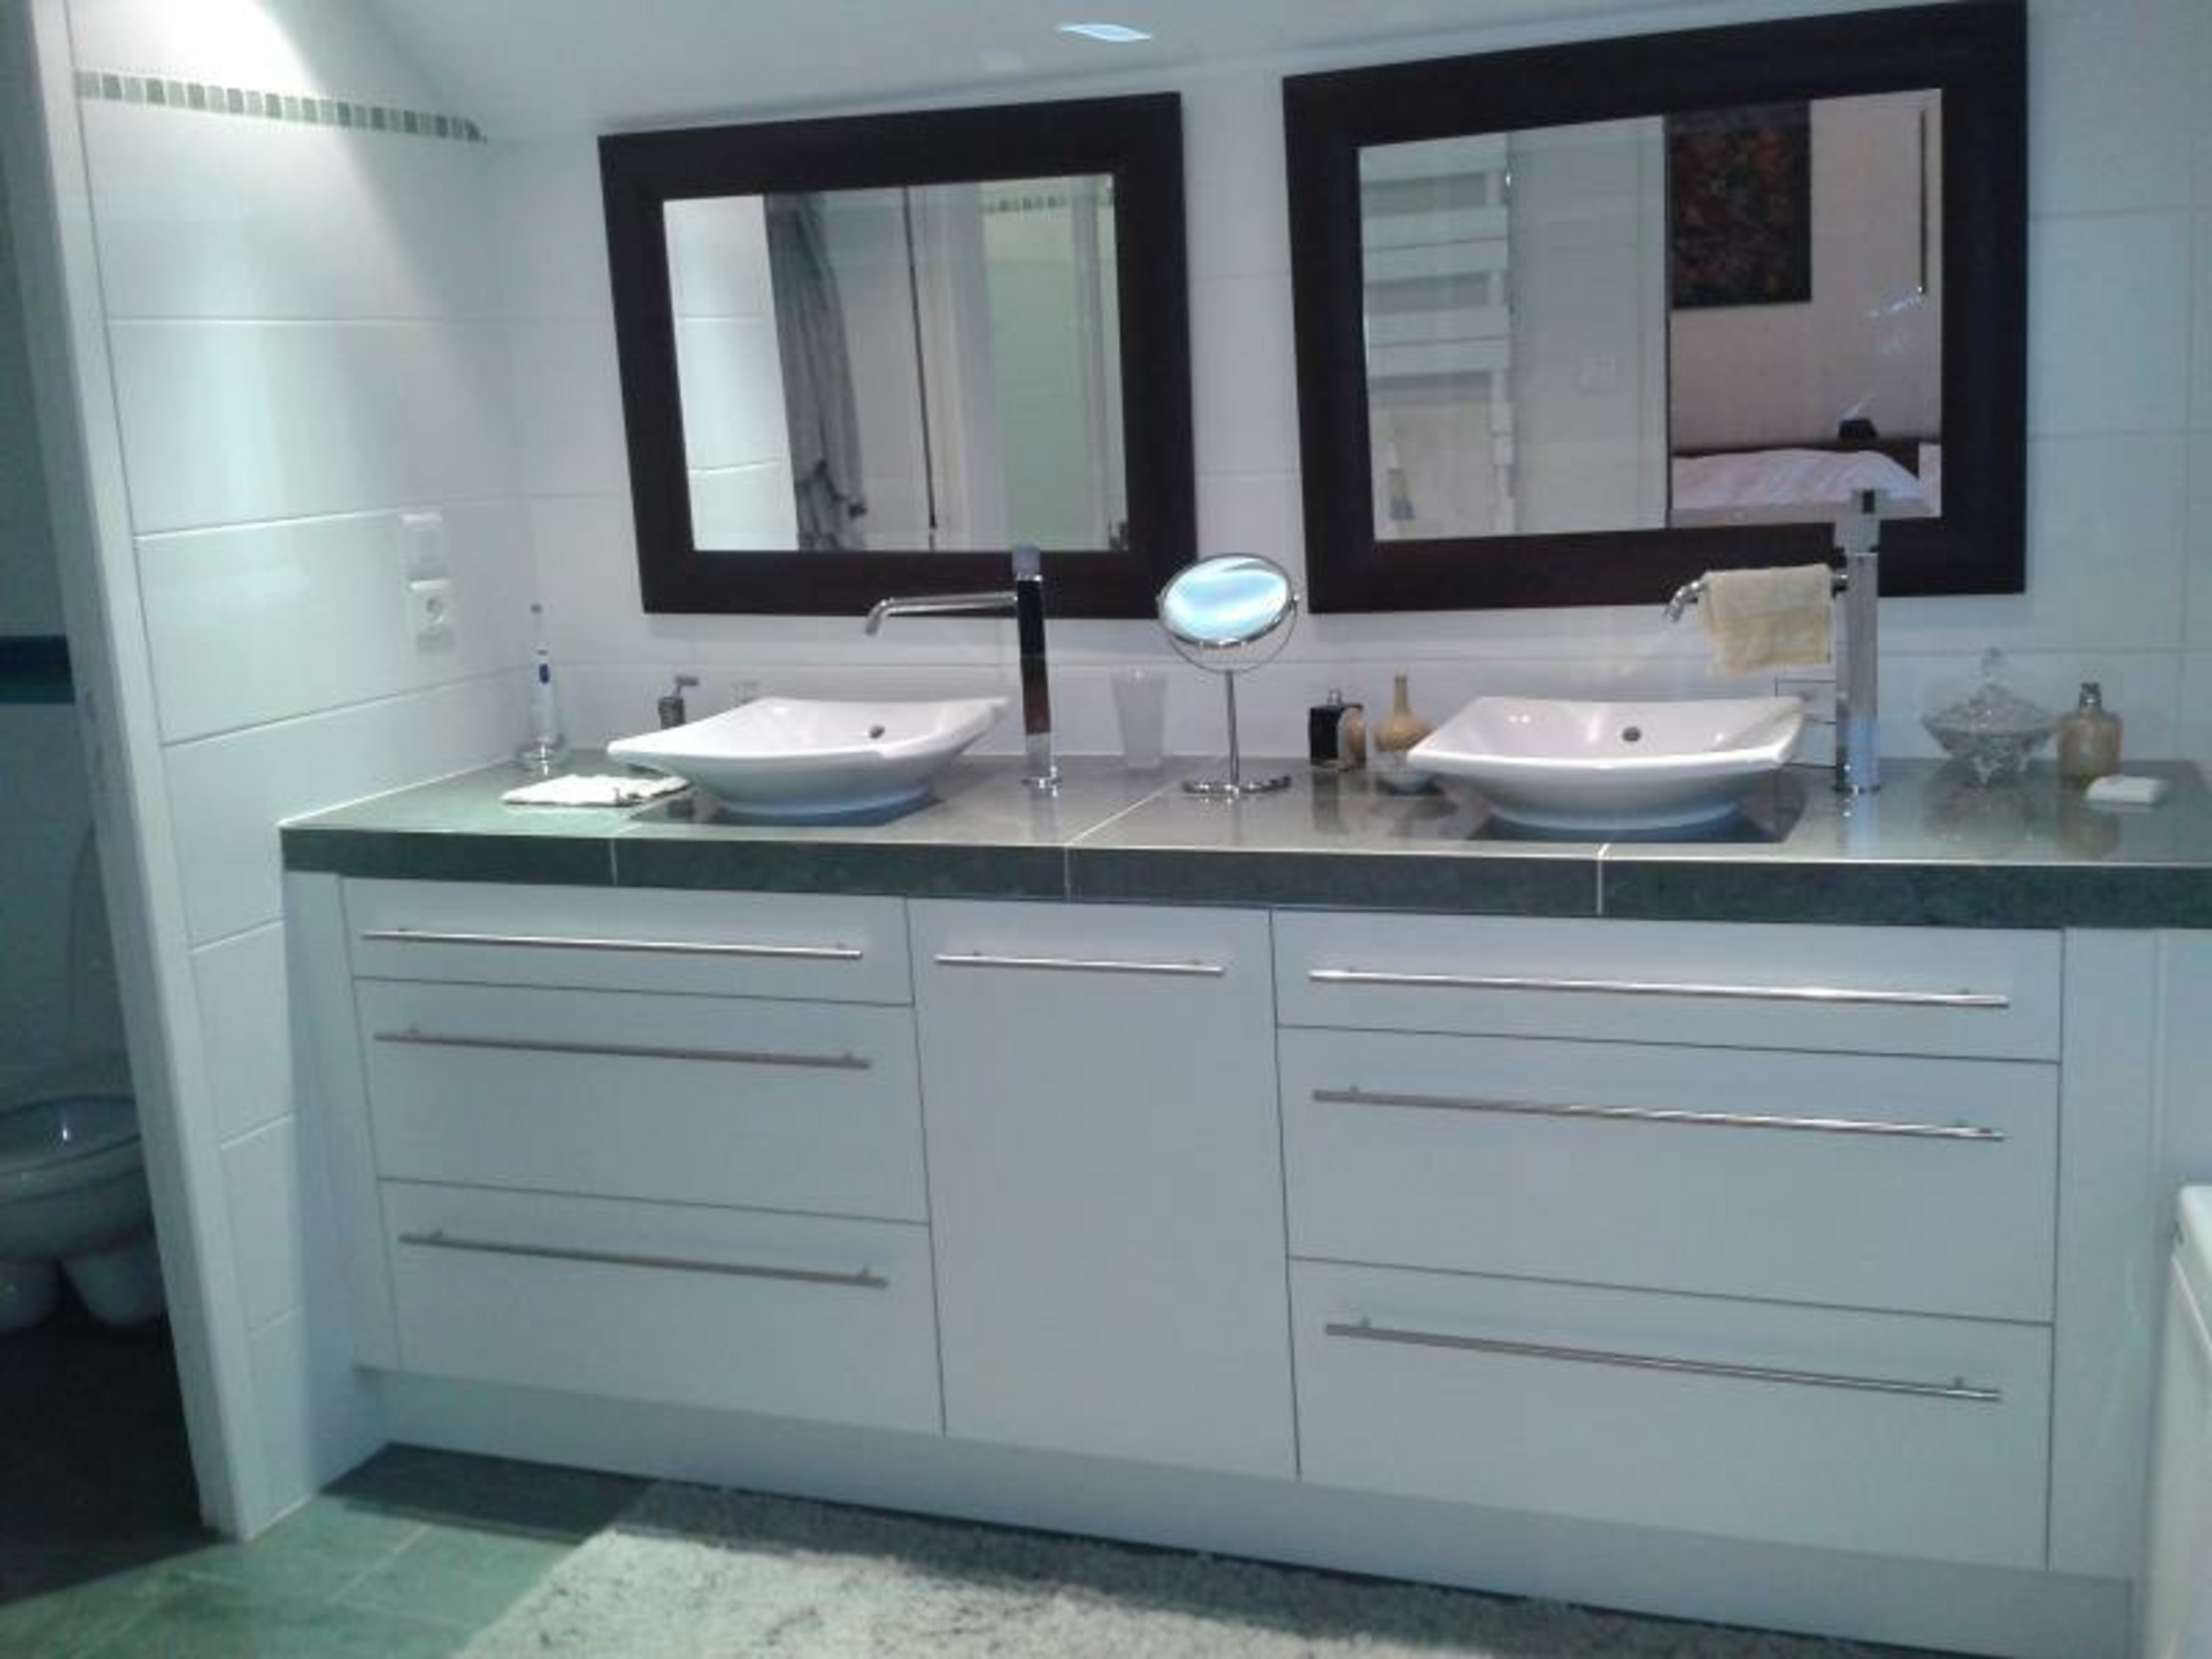 Salle de bain double vasques laqué blanc - plan de travail marbre gris